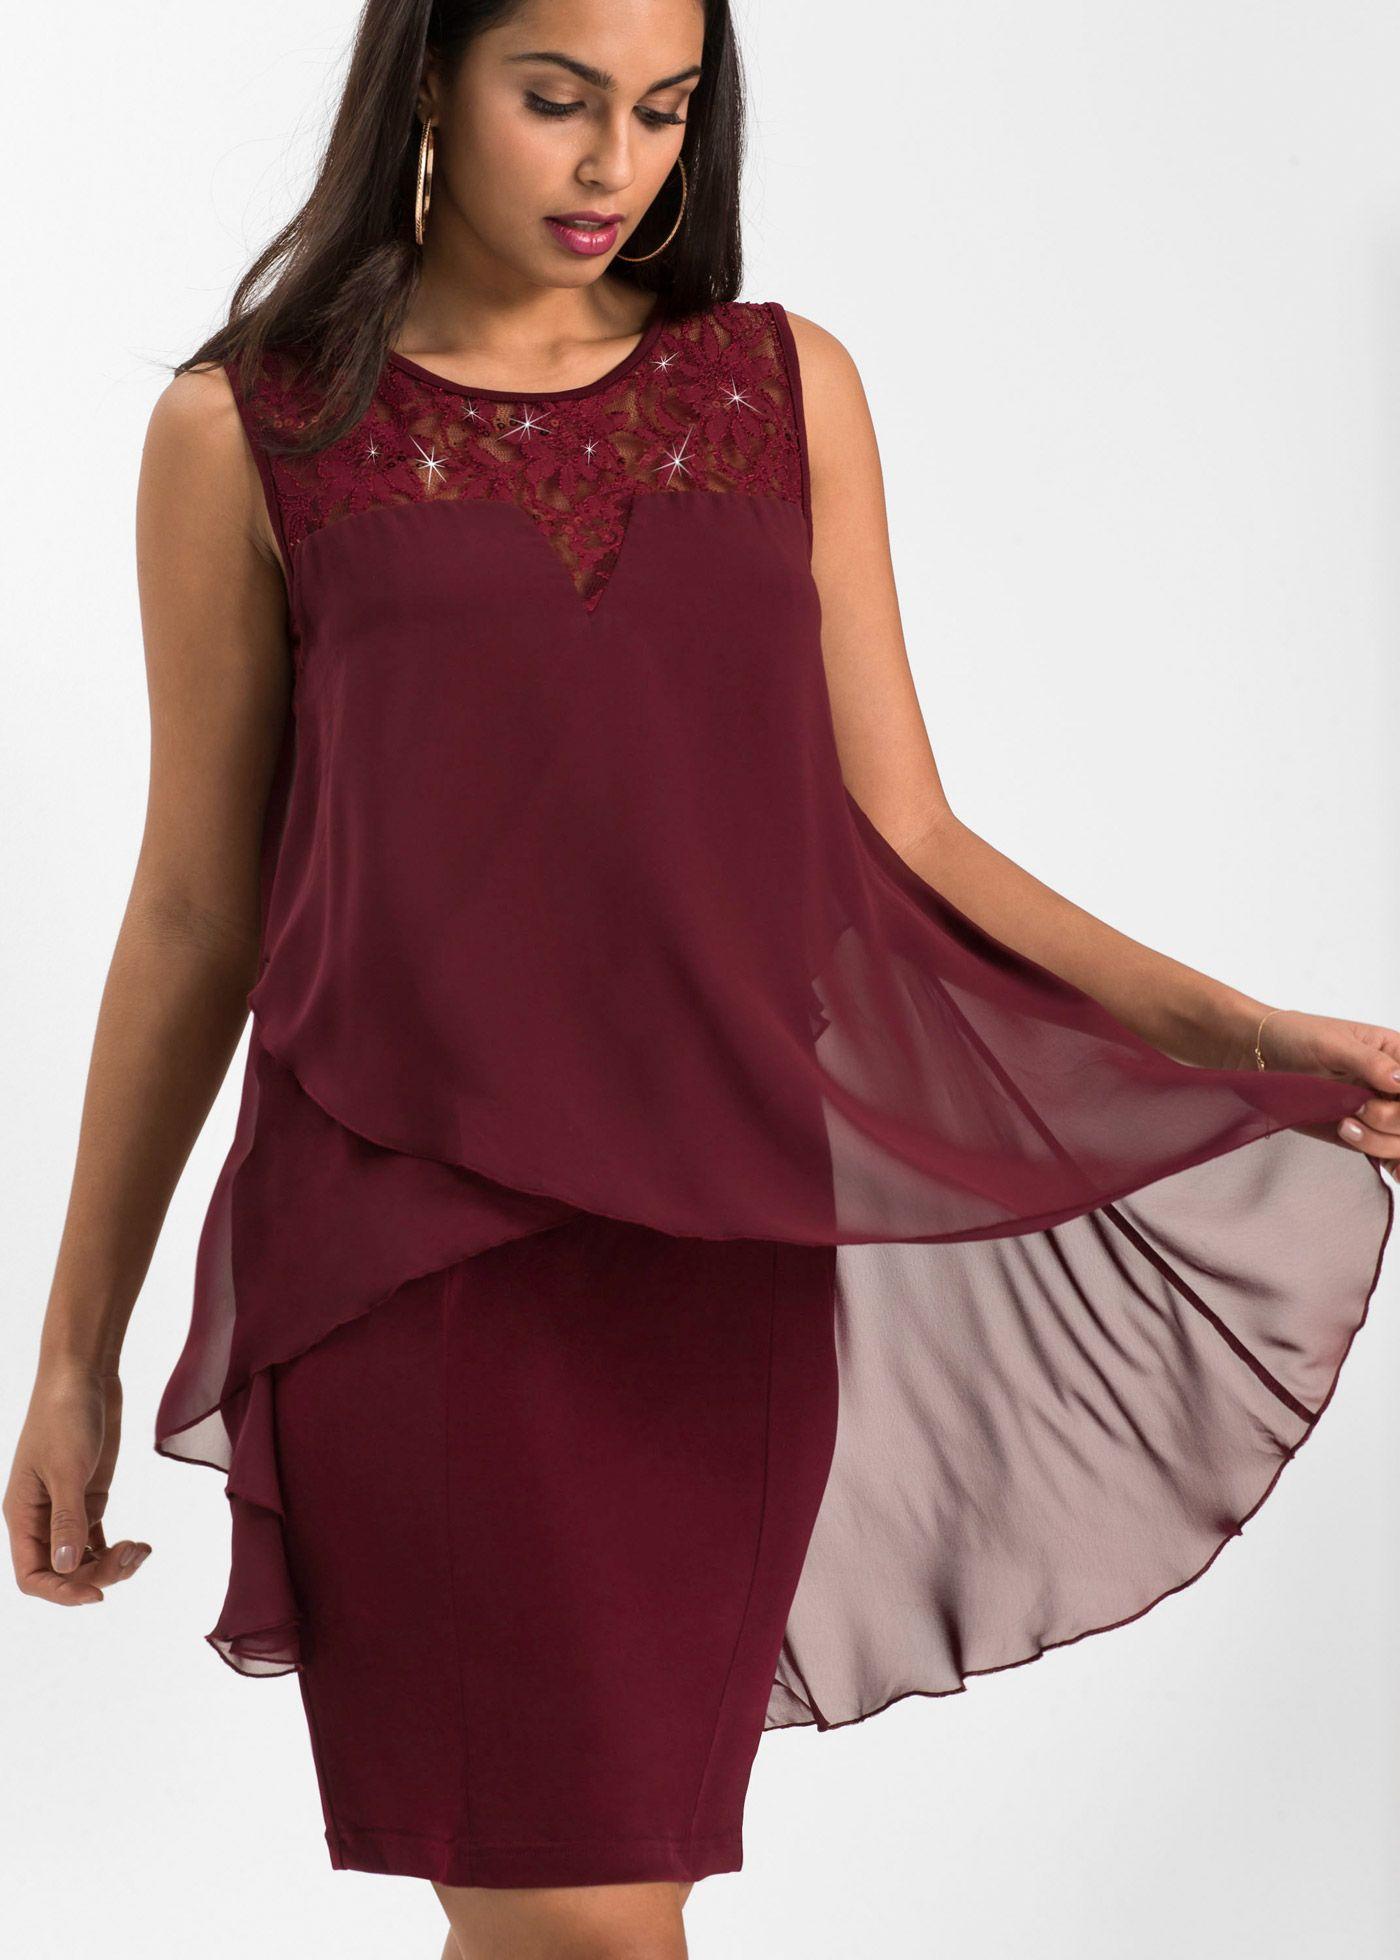 849e25cdfeec24 Kleid aus Jersey und Chiffon dunkelrot jetzt im Online Shop von bonprix.de  ab ? 39,99 bestellen. Ein Traum aus weichem Jersey, leichtem Chiffon und  feiner .